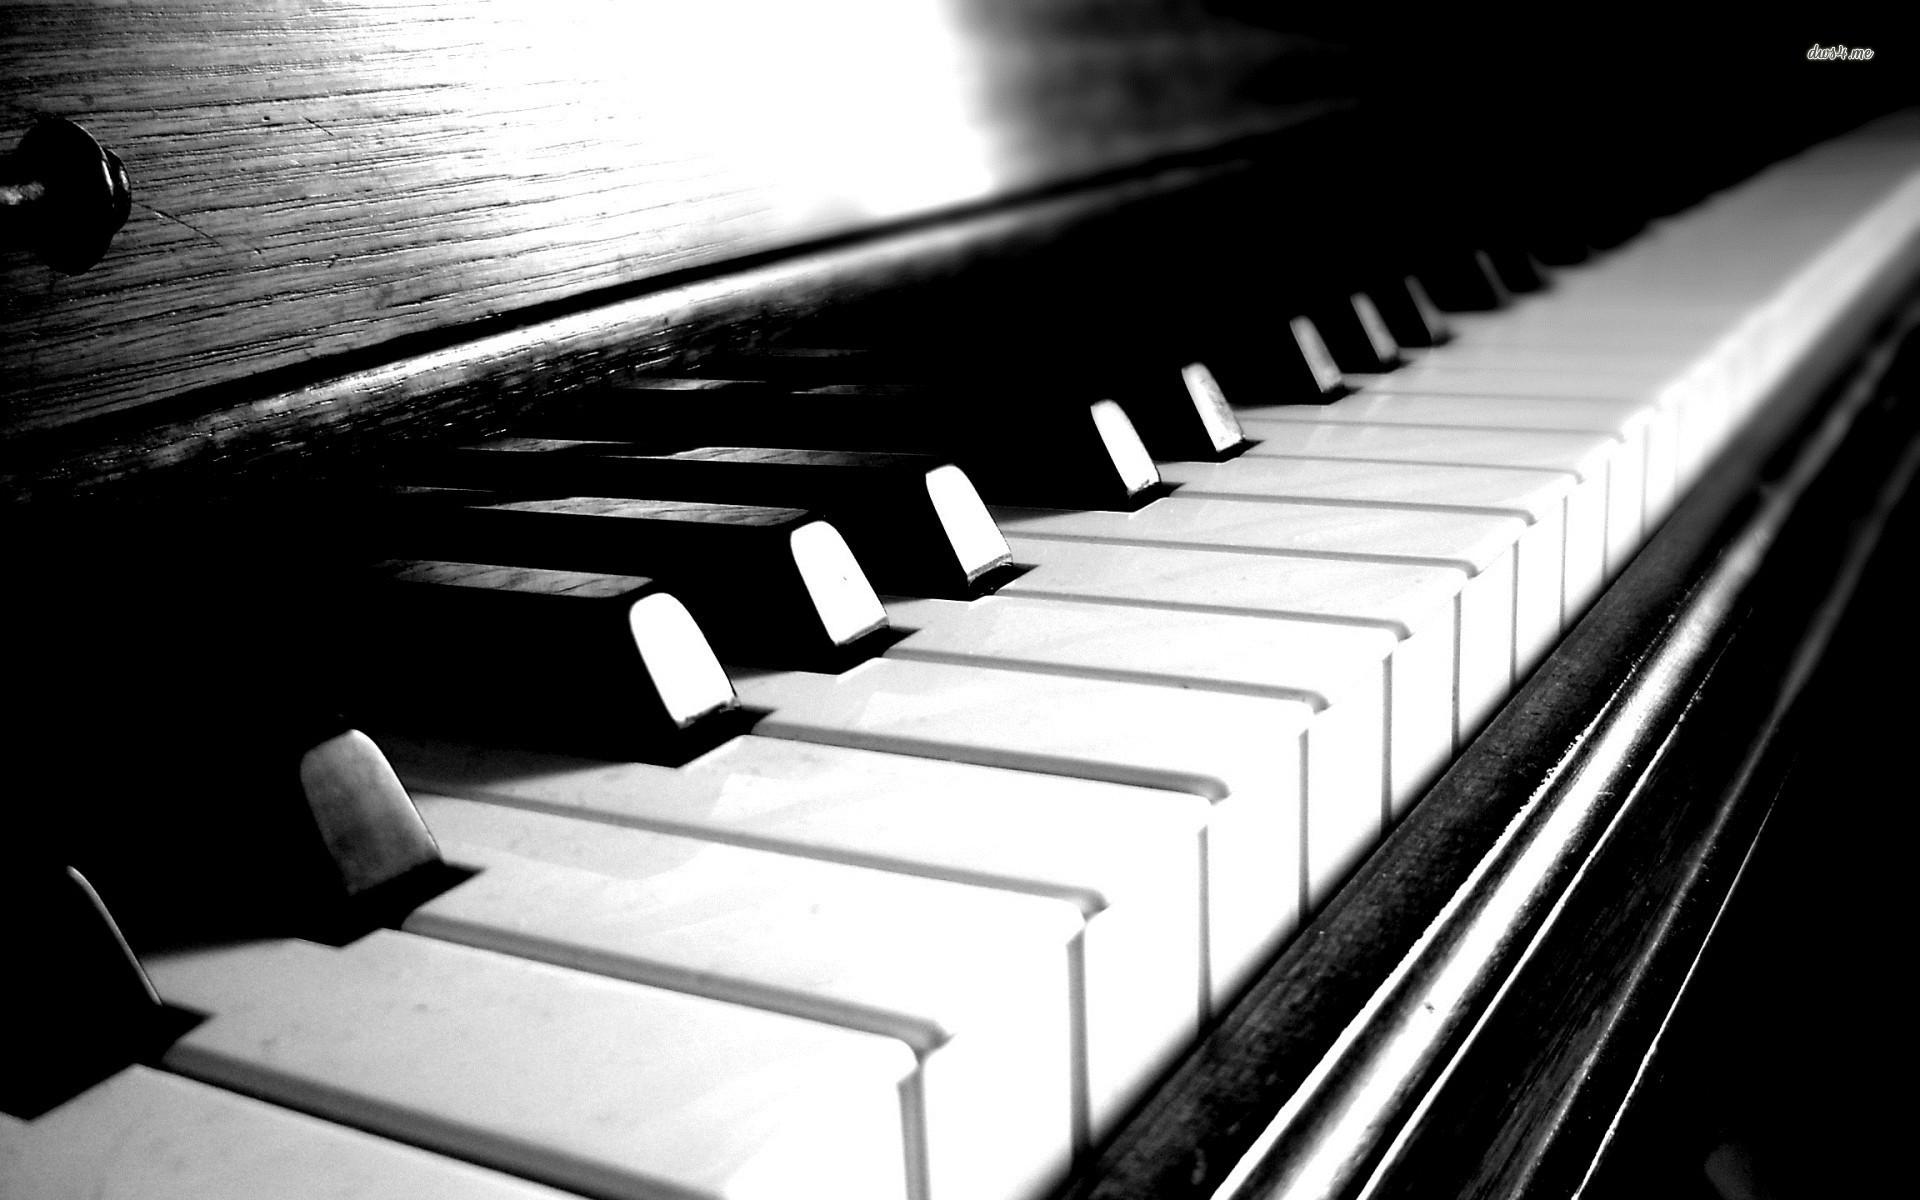 73 Music Keyboard Wallpaper On Wallpapersafari